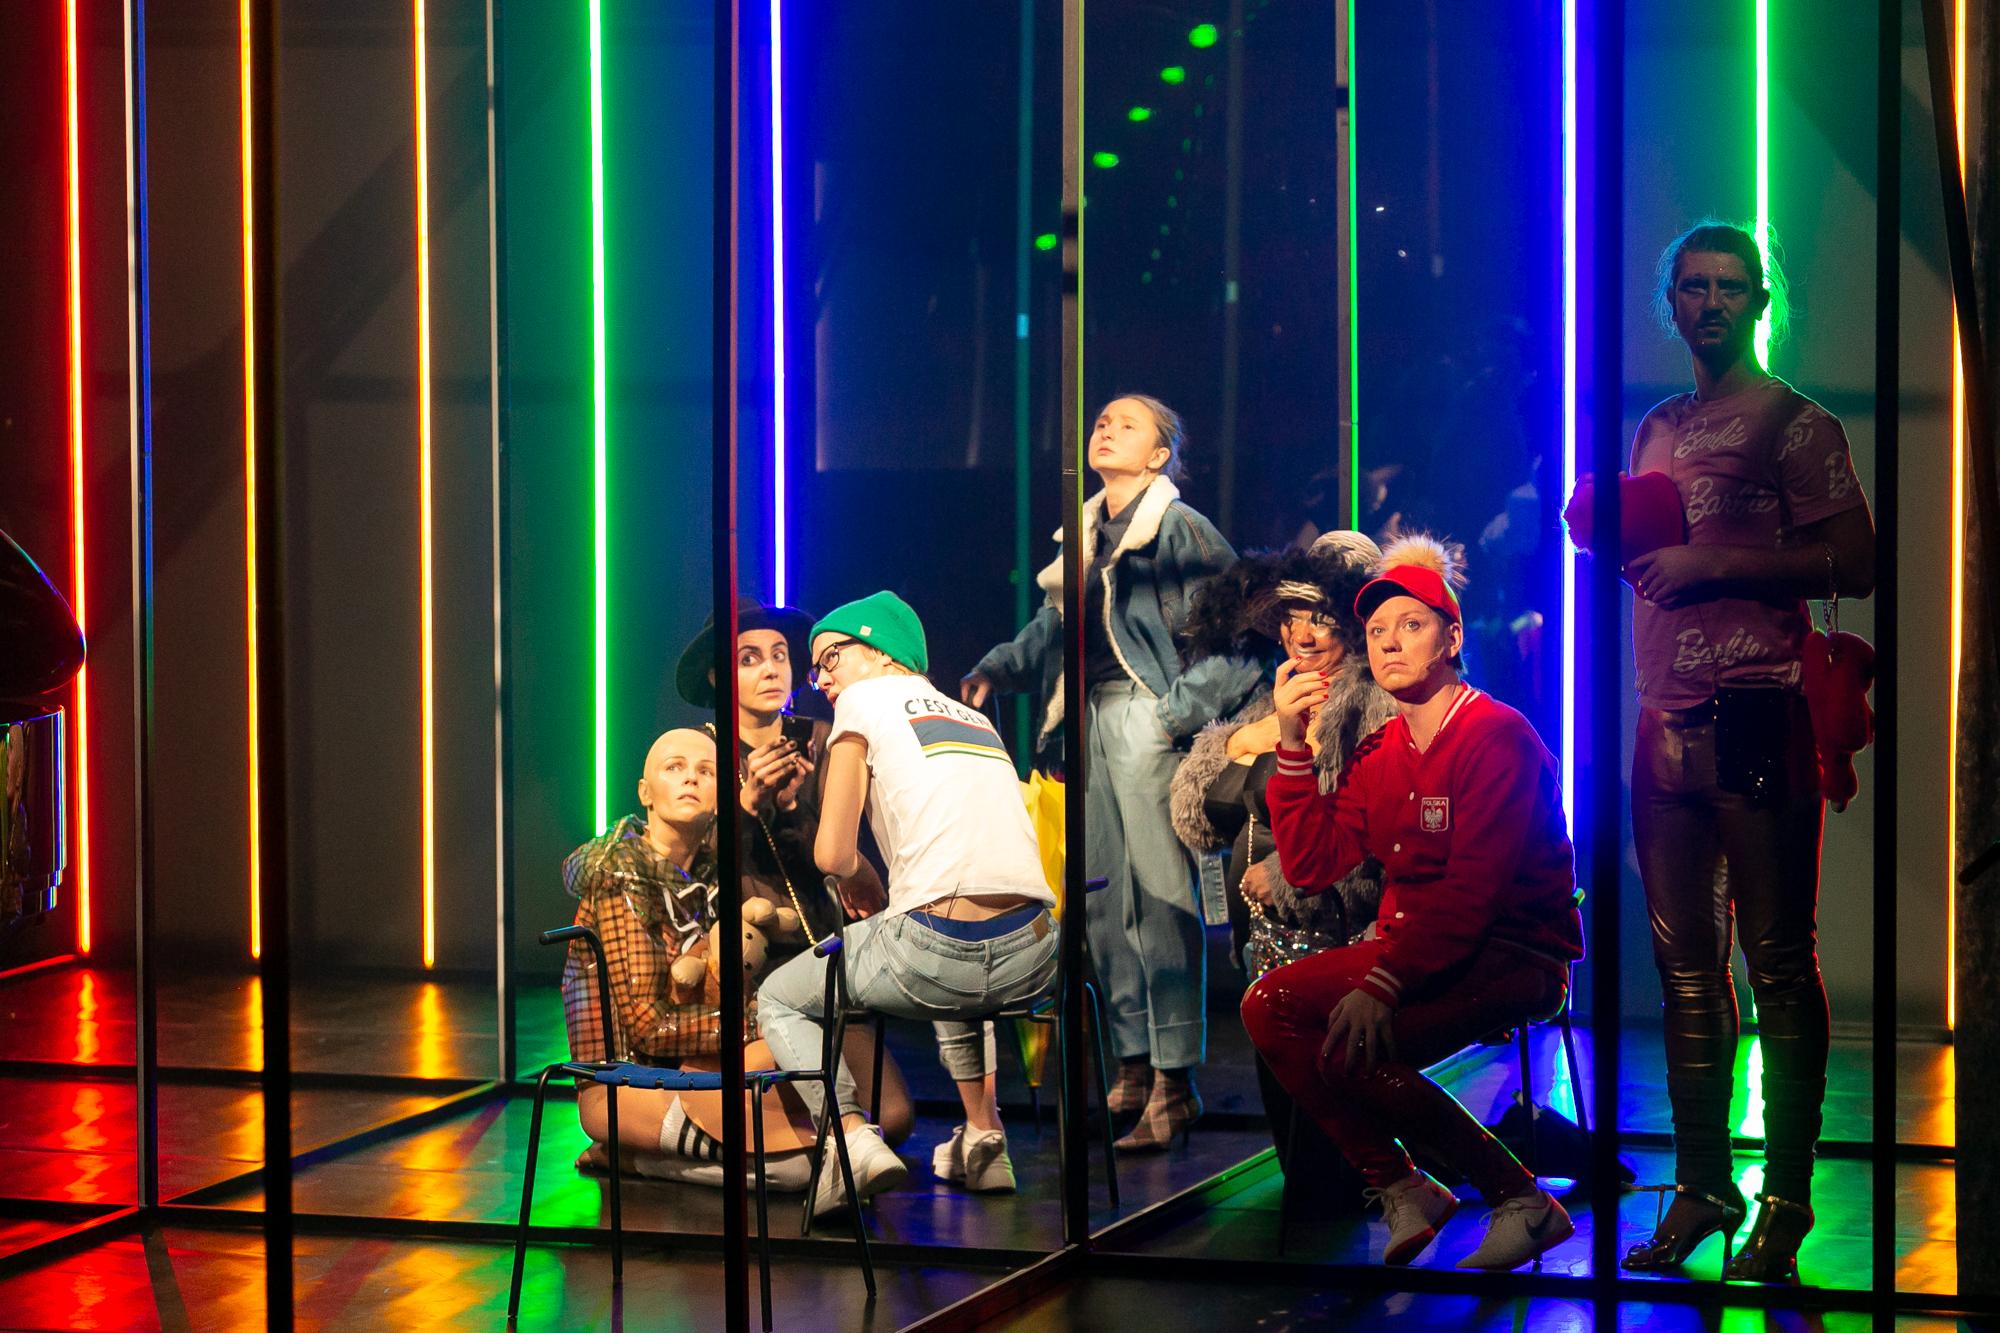 W centrum sceny, wewnątrz metalowego stelaża, siedzi grupa drag queens w prywatnych strojach. Wśród nich jest Reżyser i Konrad Konrad. Po prawej stroni stoi Piotr Piękny. Scena oświetlona jest świetlówkami w kolorach tęczy.